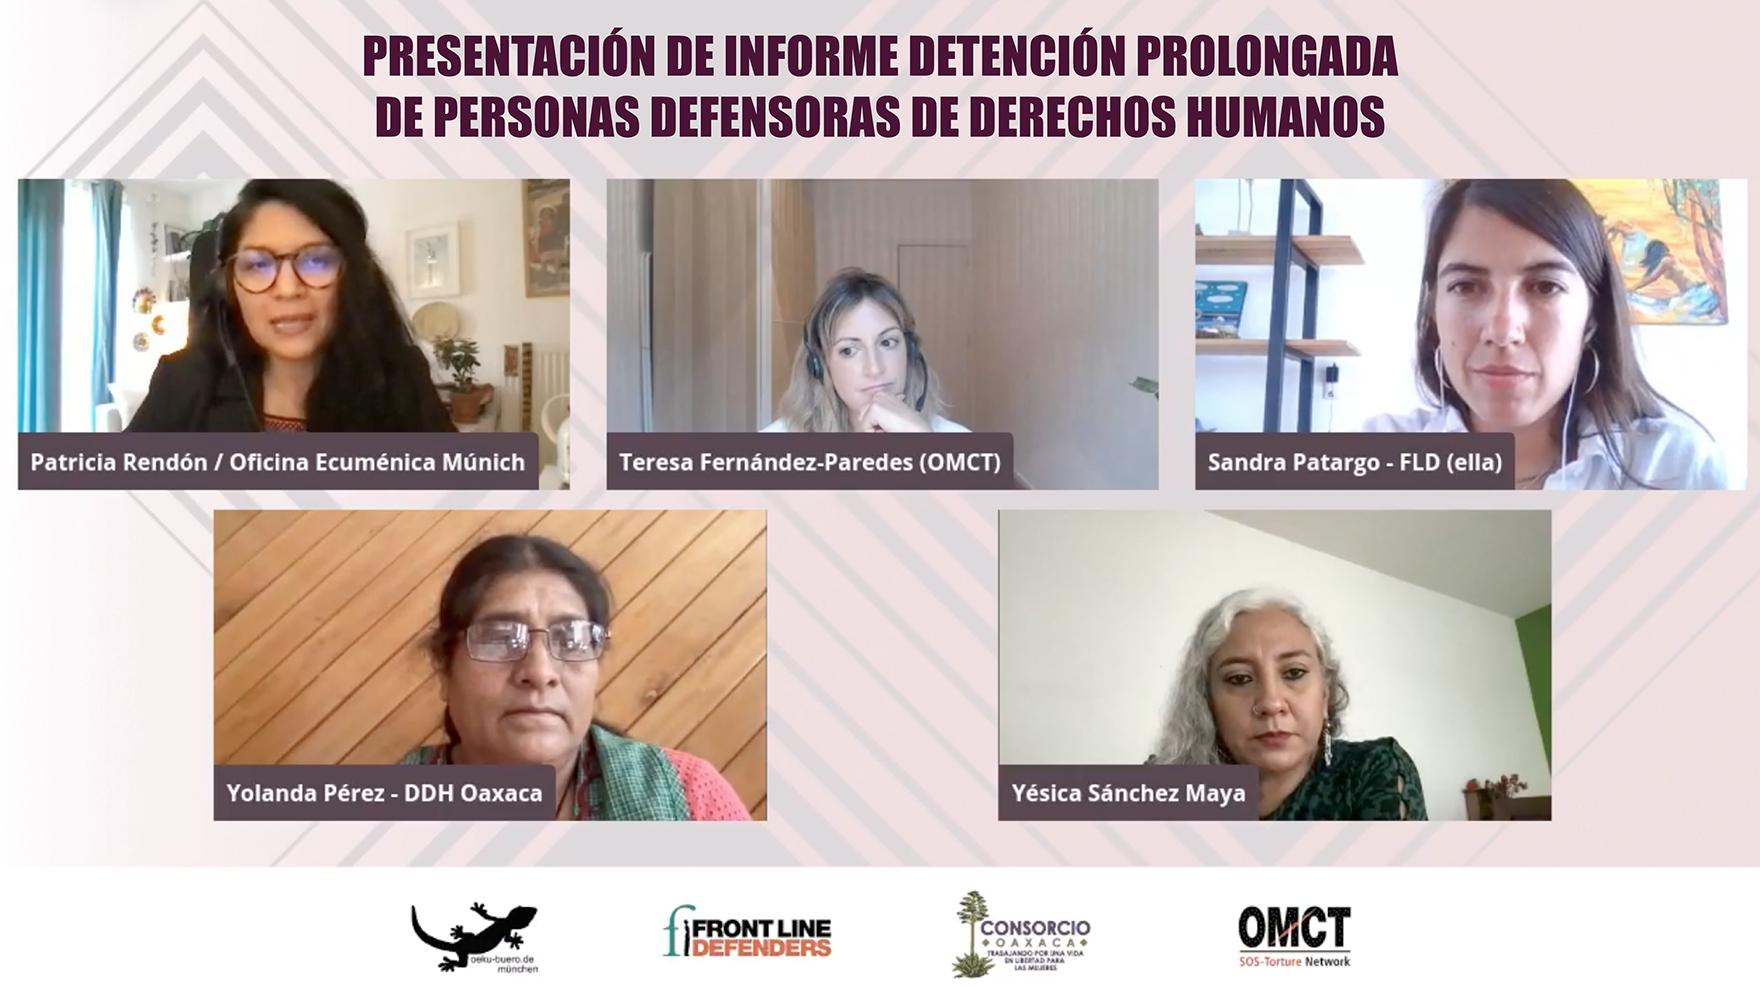 A 11 años de la detención arbitraria del defensor Pablo López Alavez, organizaciones nacionales e internacionales exigen su liberación inmediata